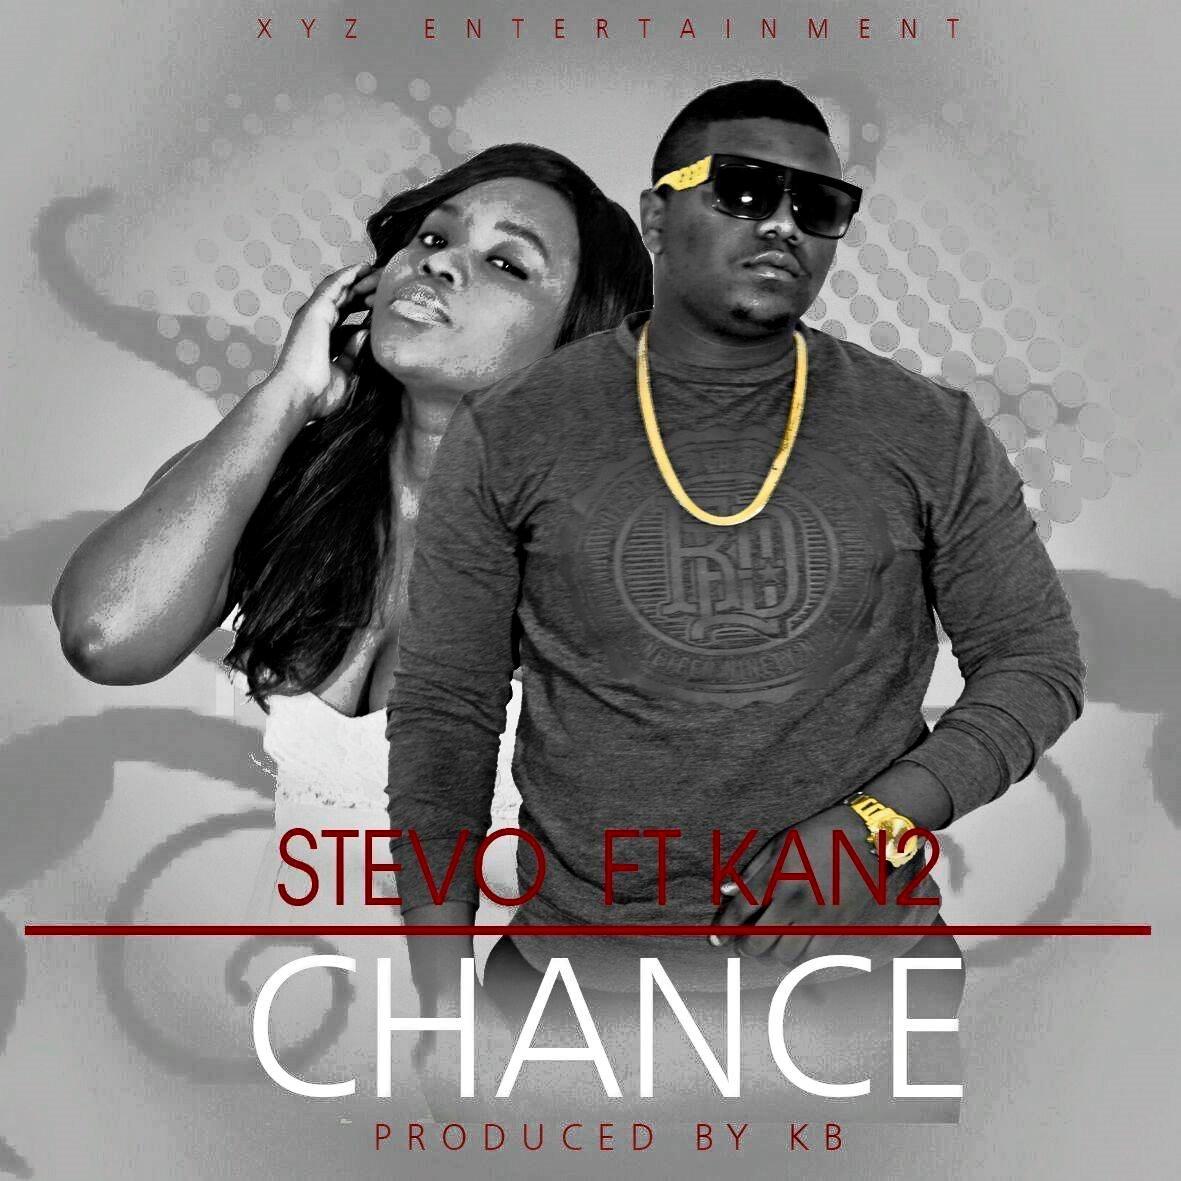 Stevo Ft. Kan2 – Chance (Prod. KB)